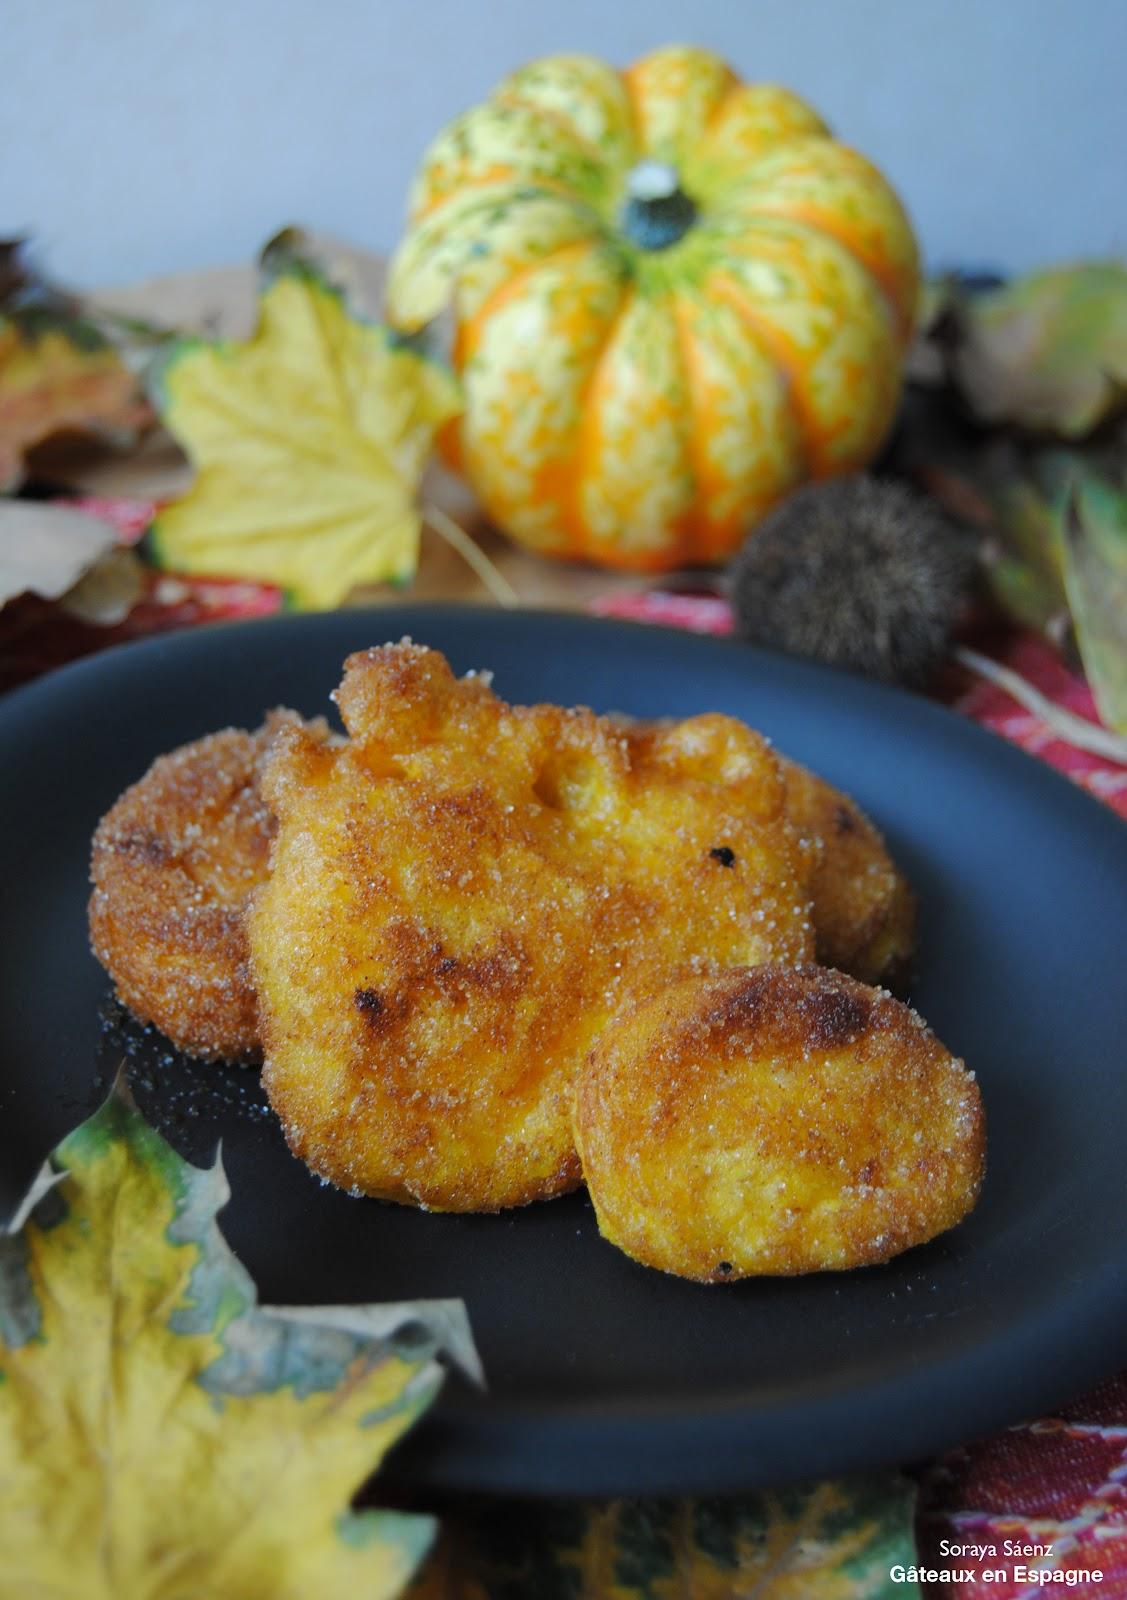 G teaux en espagne beignets de citrouille un dessert espagnol pour f ter la toussaint - Recette halloween facile ...